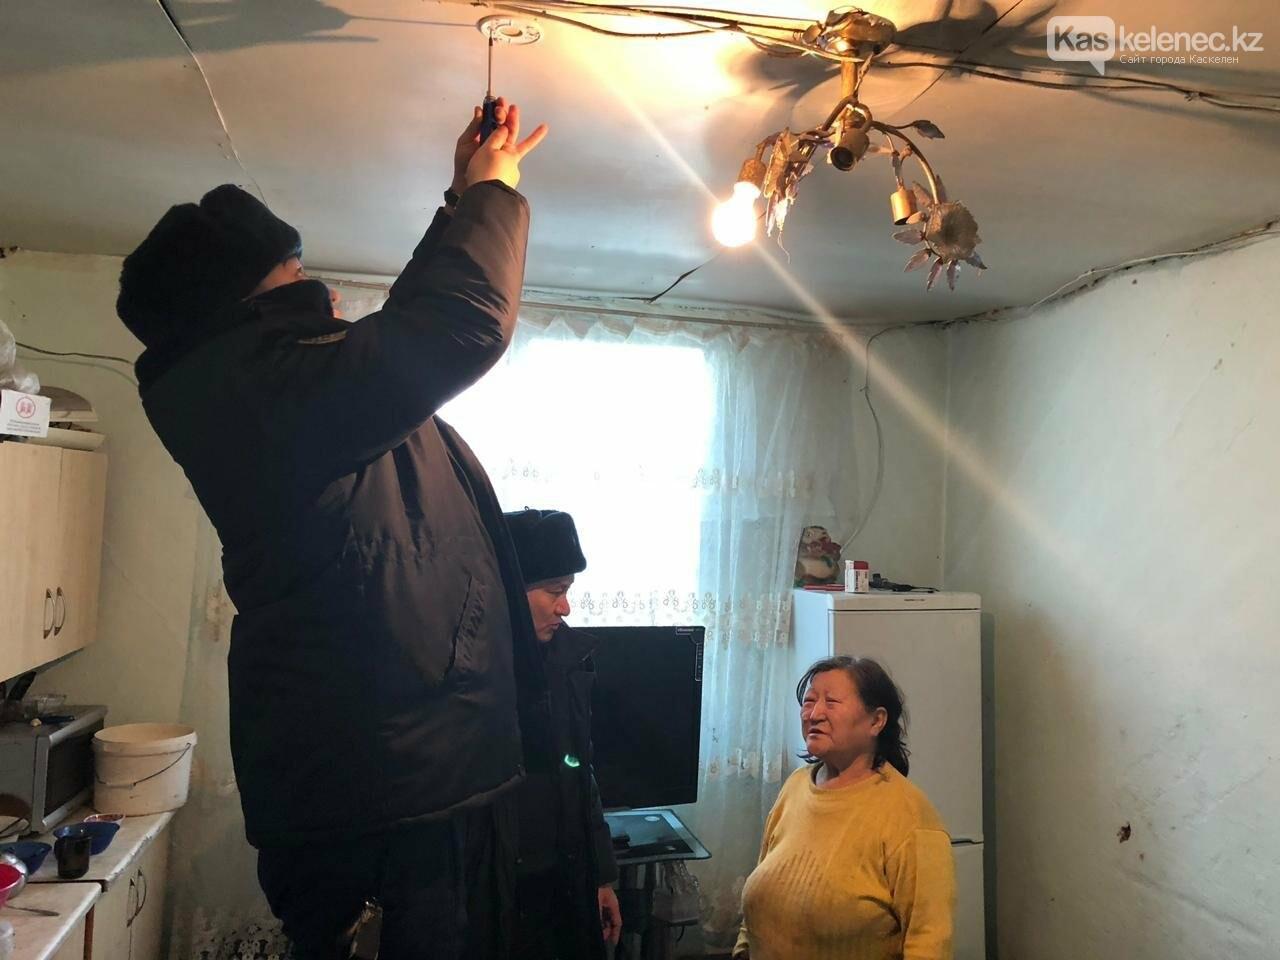 Датчики угарного газа стали устанавливать в Алматы, фото-1